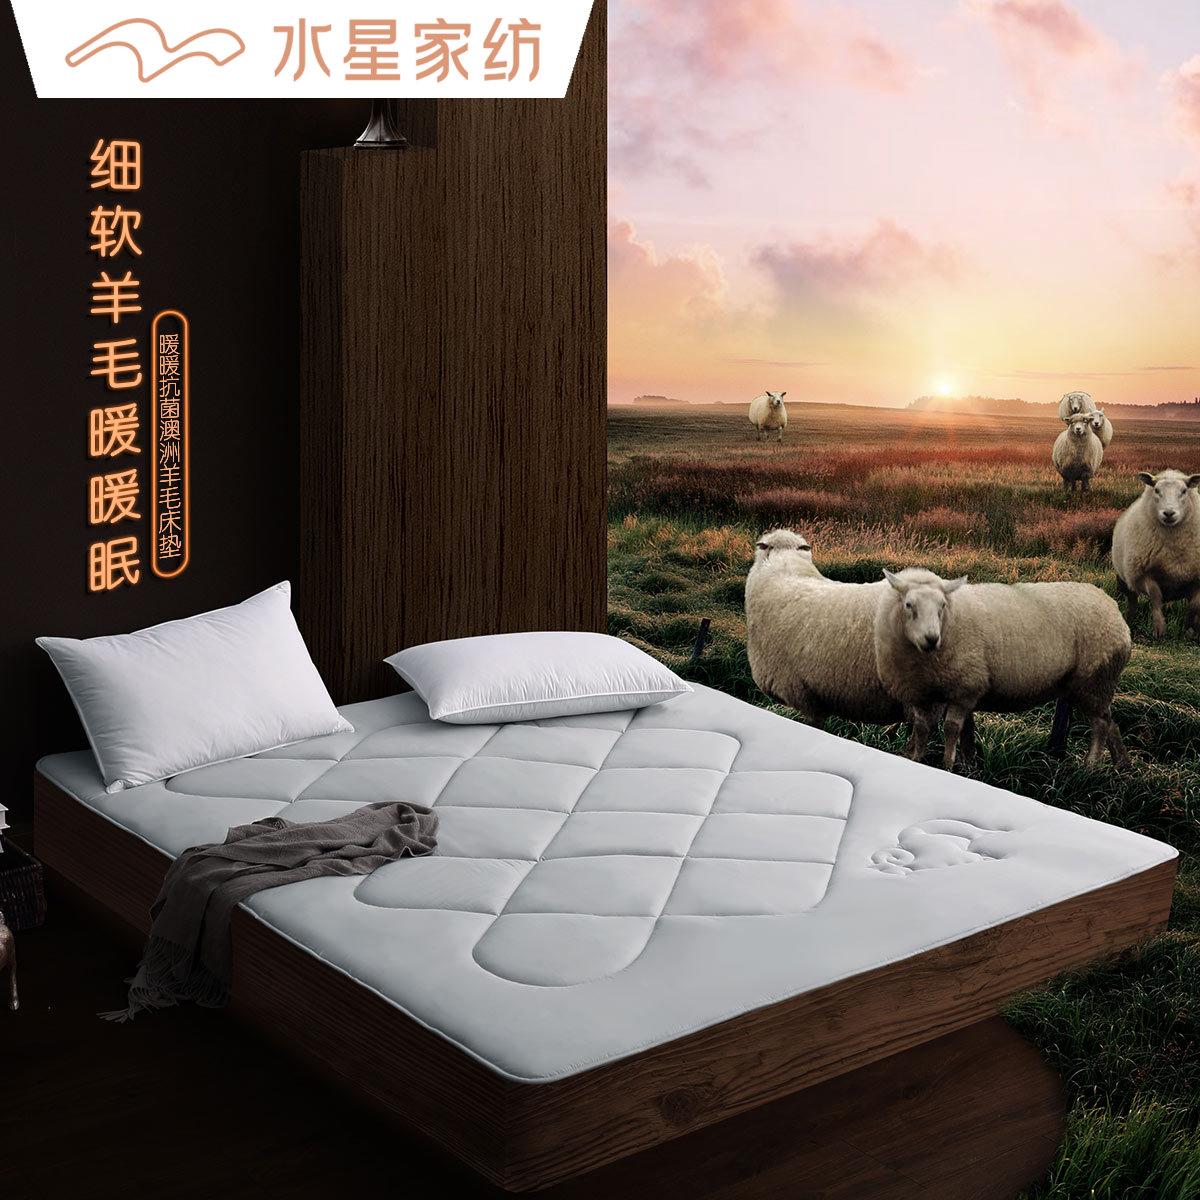 水星家纺抗菌澳洲宿舍软垫学生羊毛榻榻米羊毛褥子床床垫床上用品